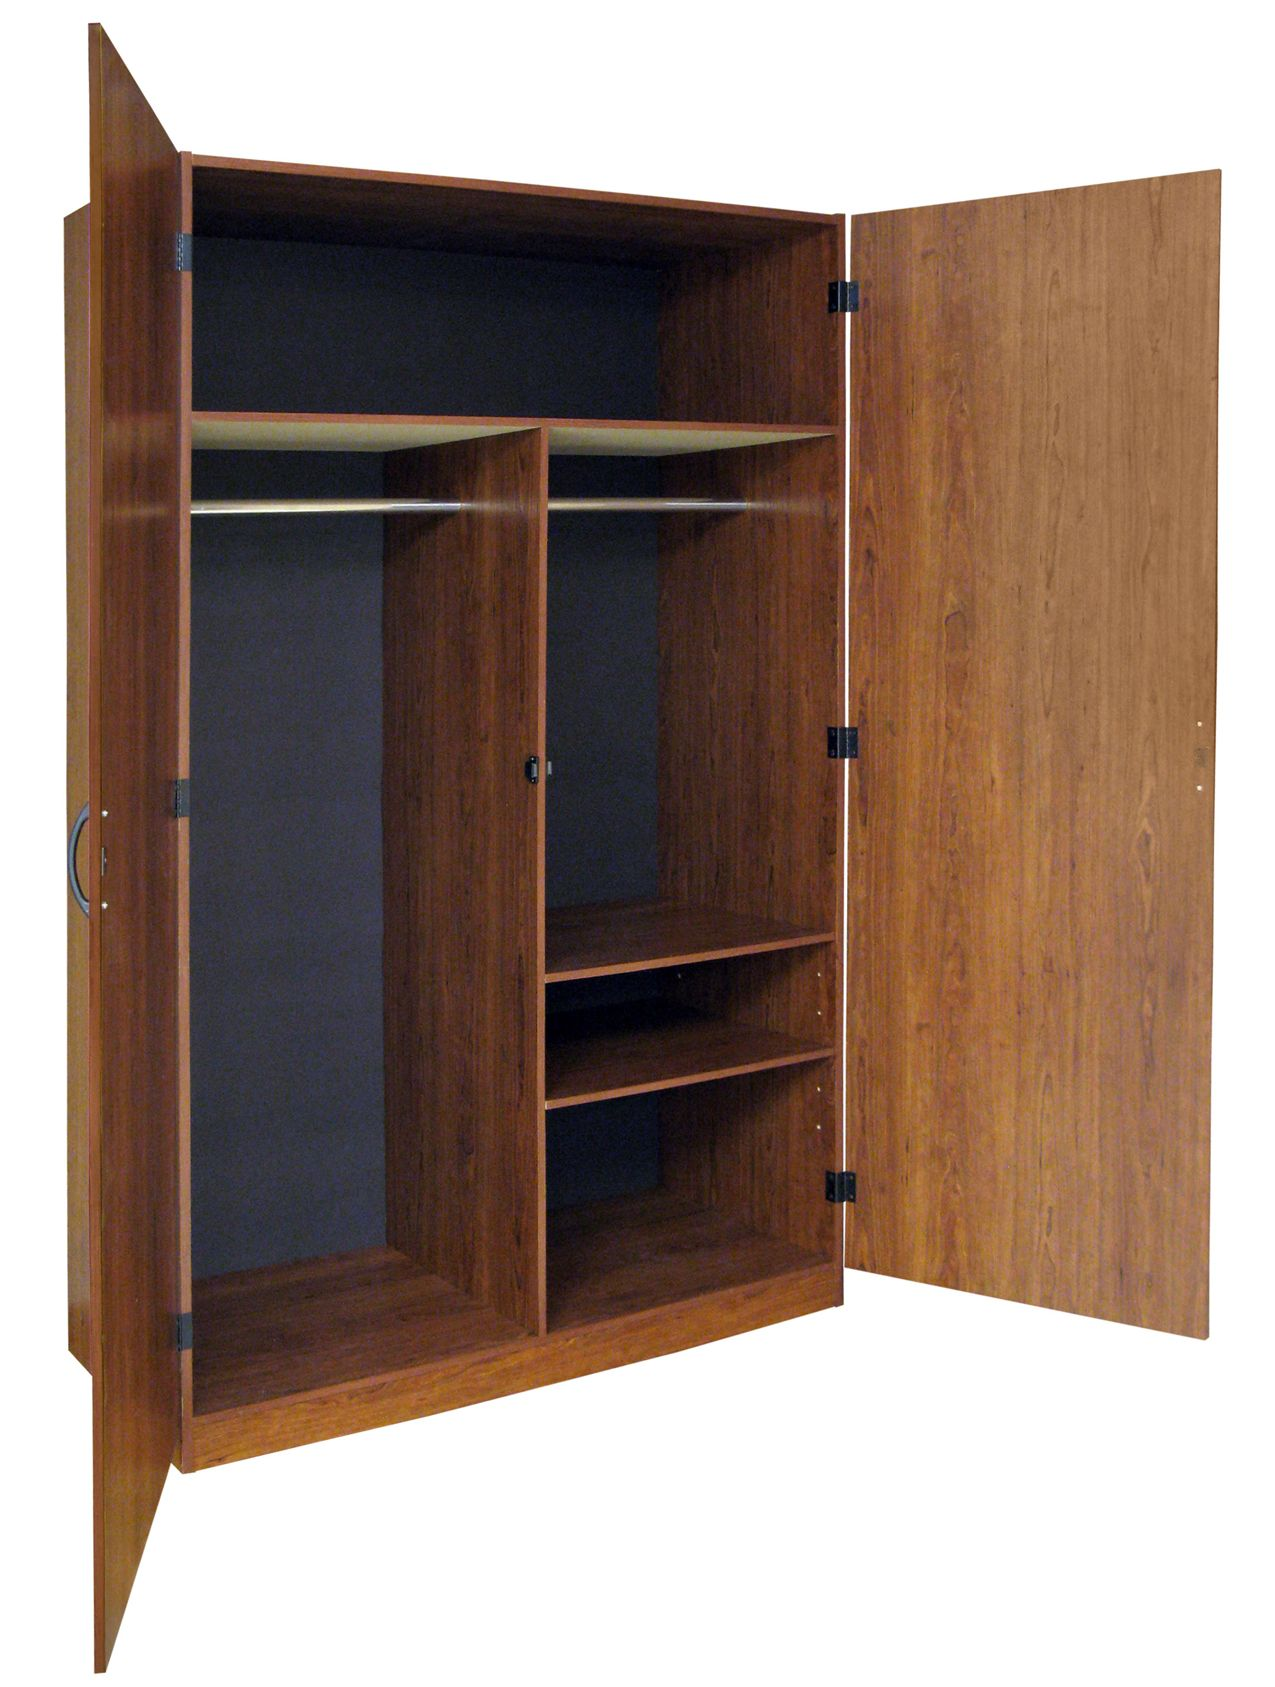 Walmart Furniture Online: Mudroom Option? Wardrobe, Storage & Organization